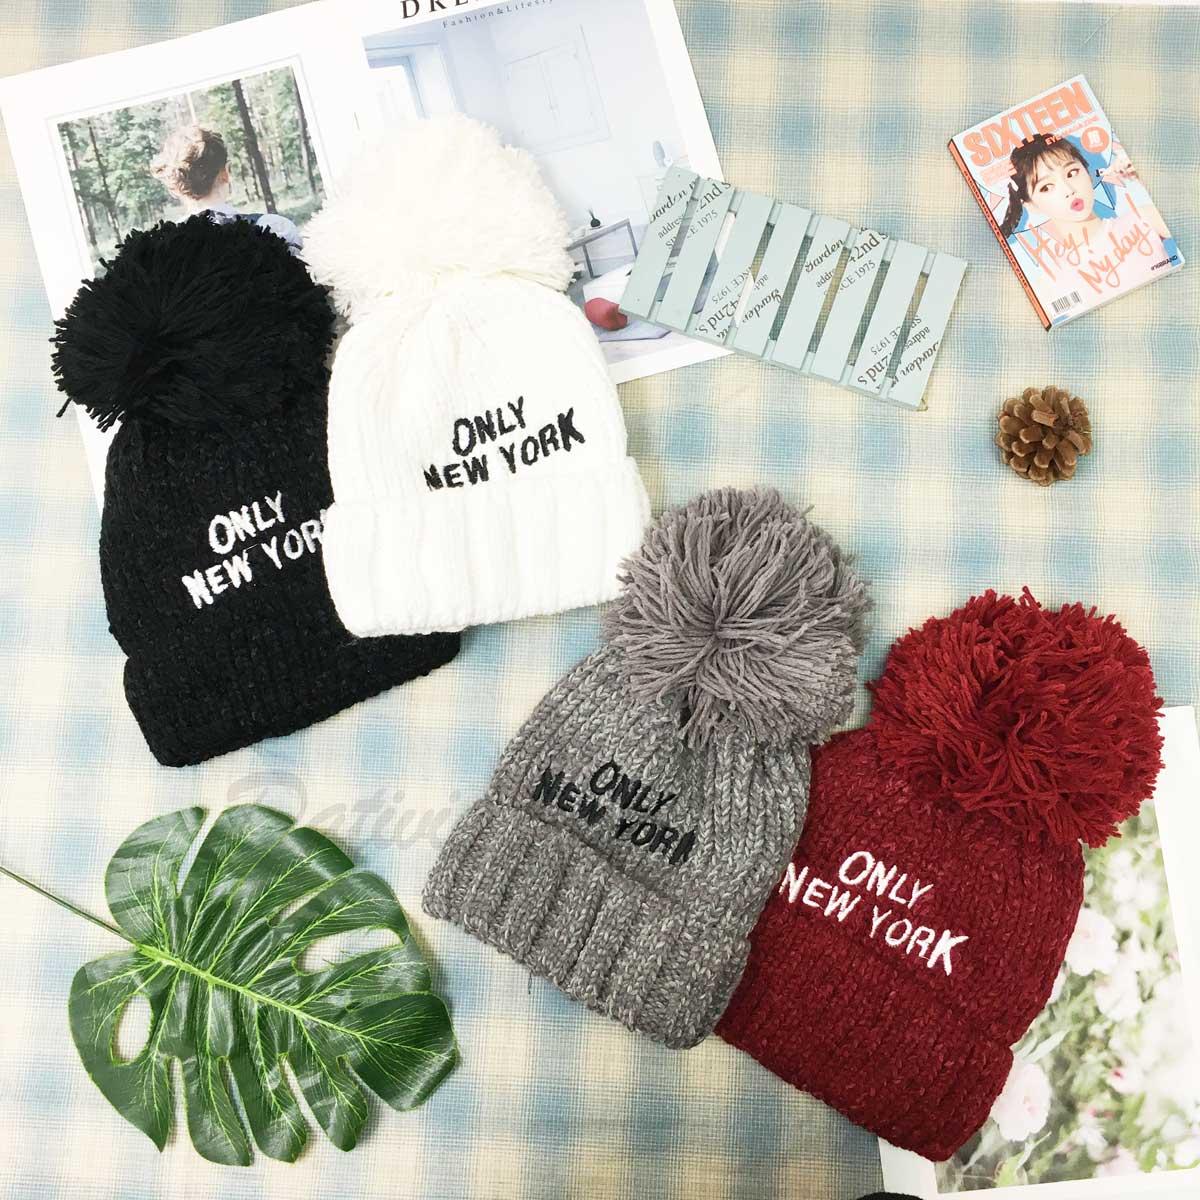 帽子 毛球 內刷毛 紐約客 潮流 嬉皮 編織 毛帽 四色